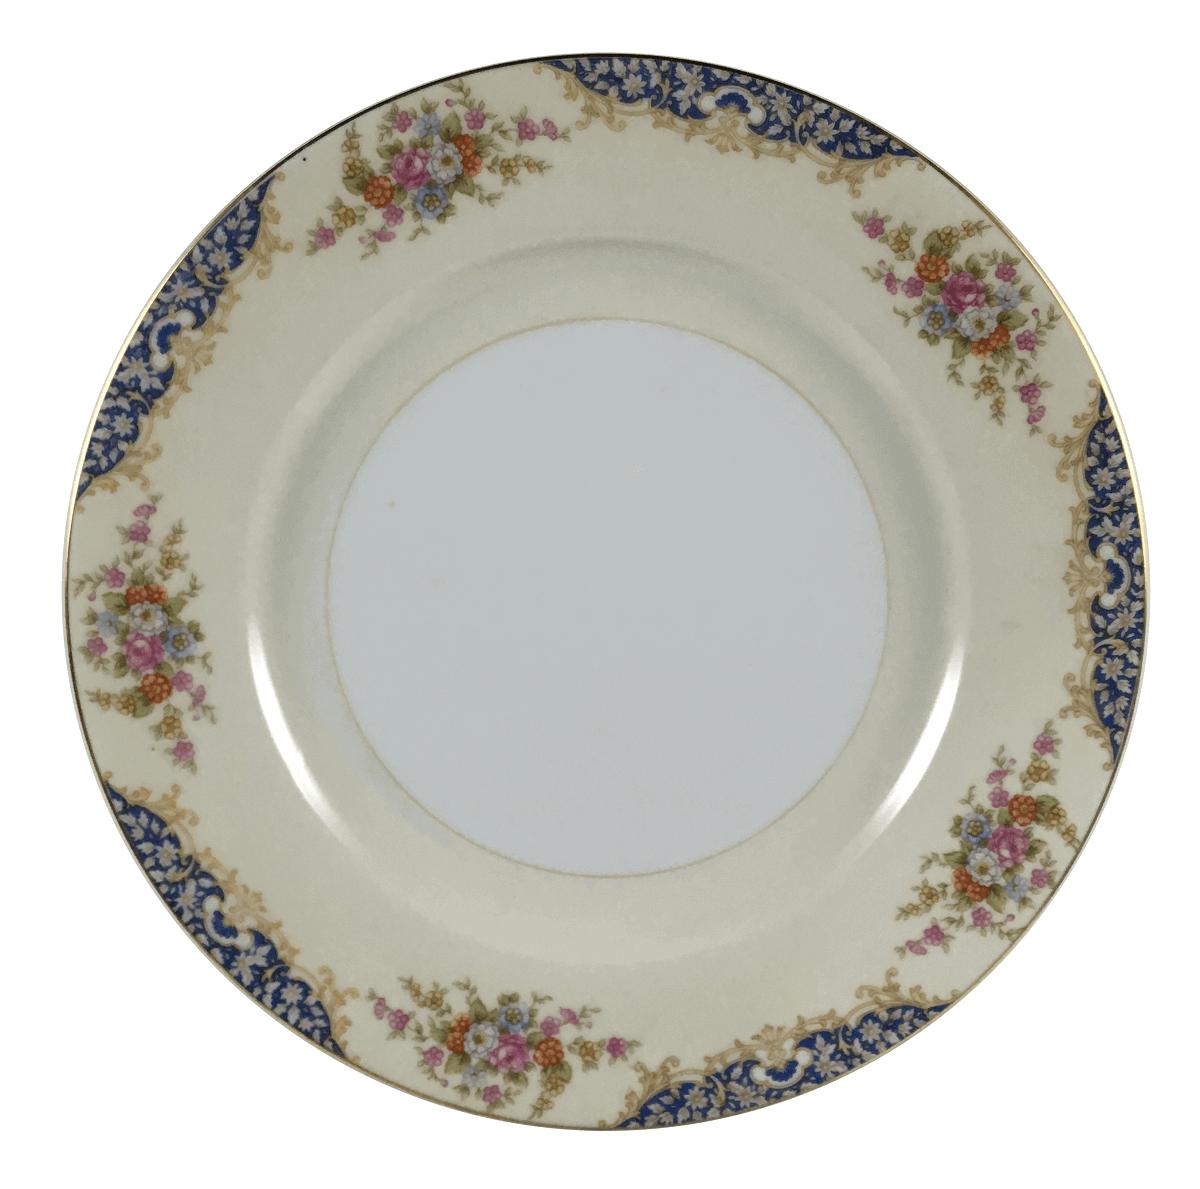 Prato Raso Antigo Porcelana Noritake Florido 26cm